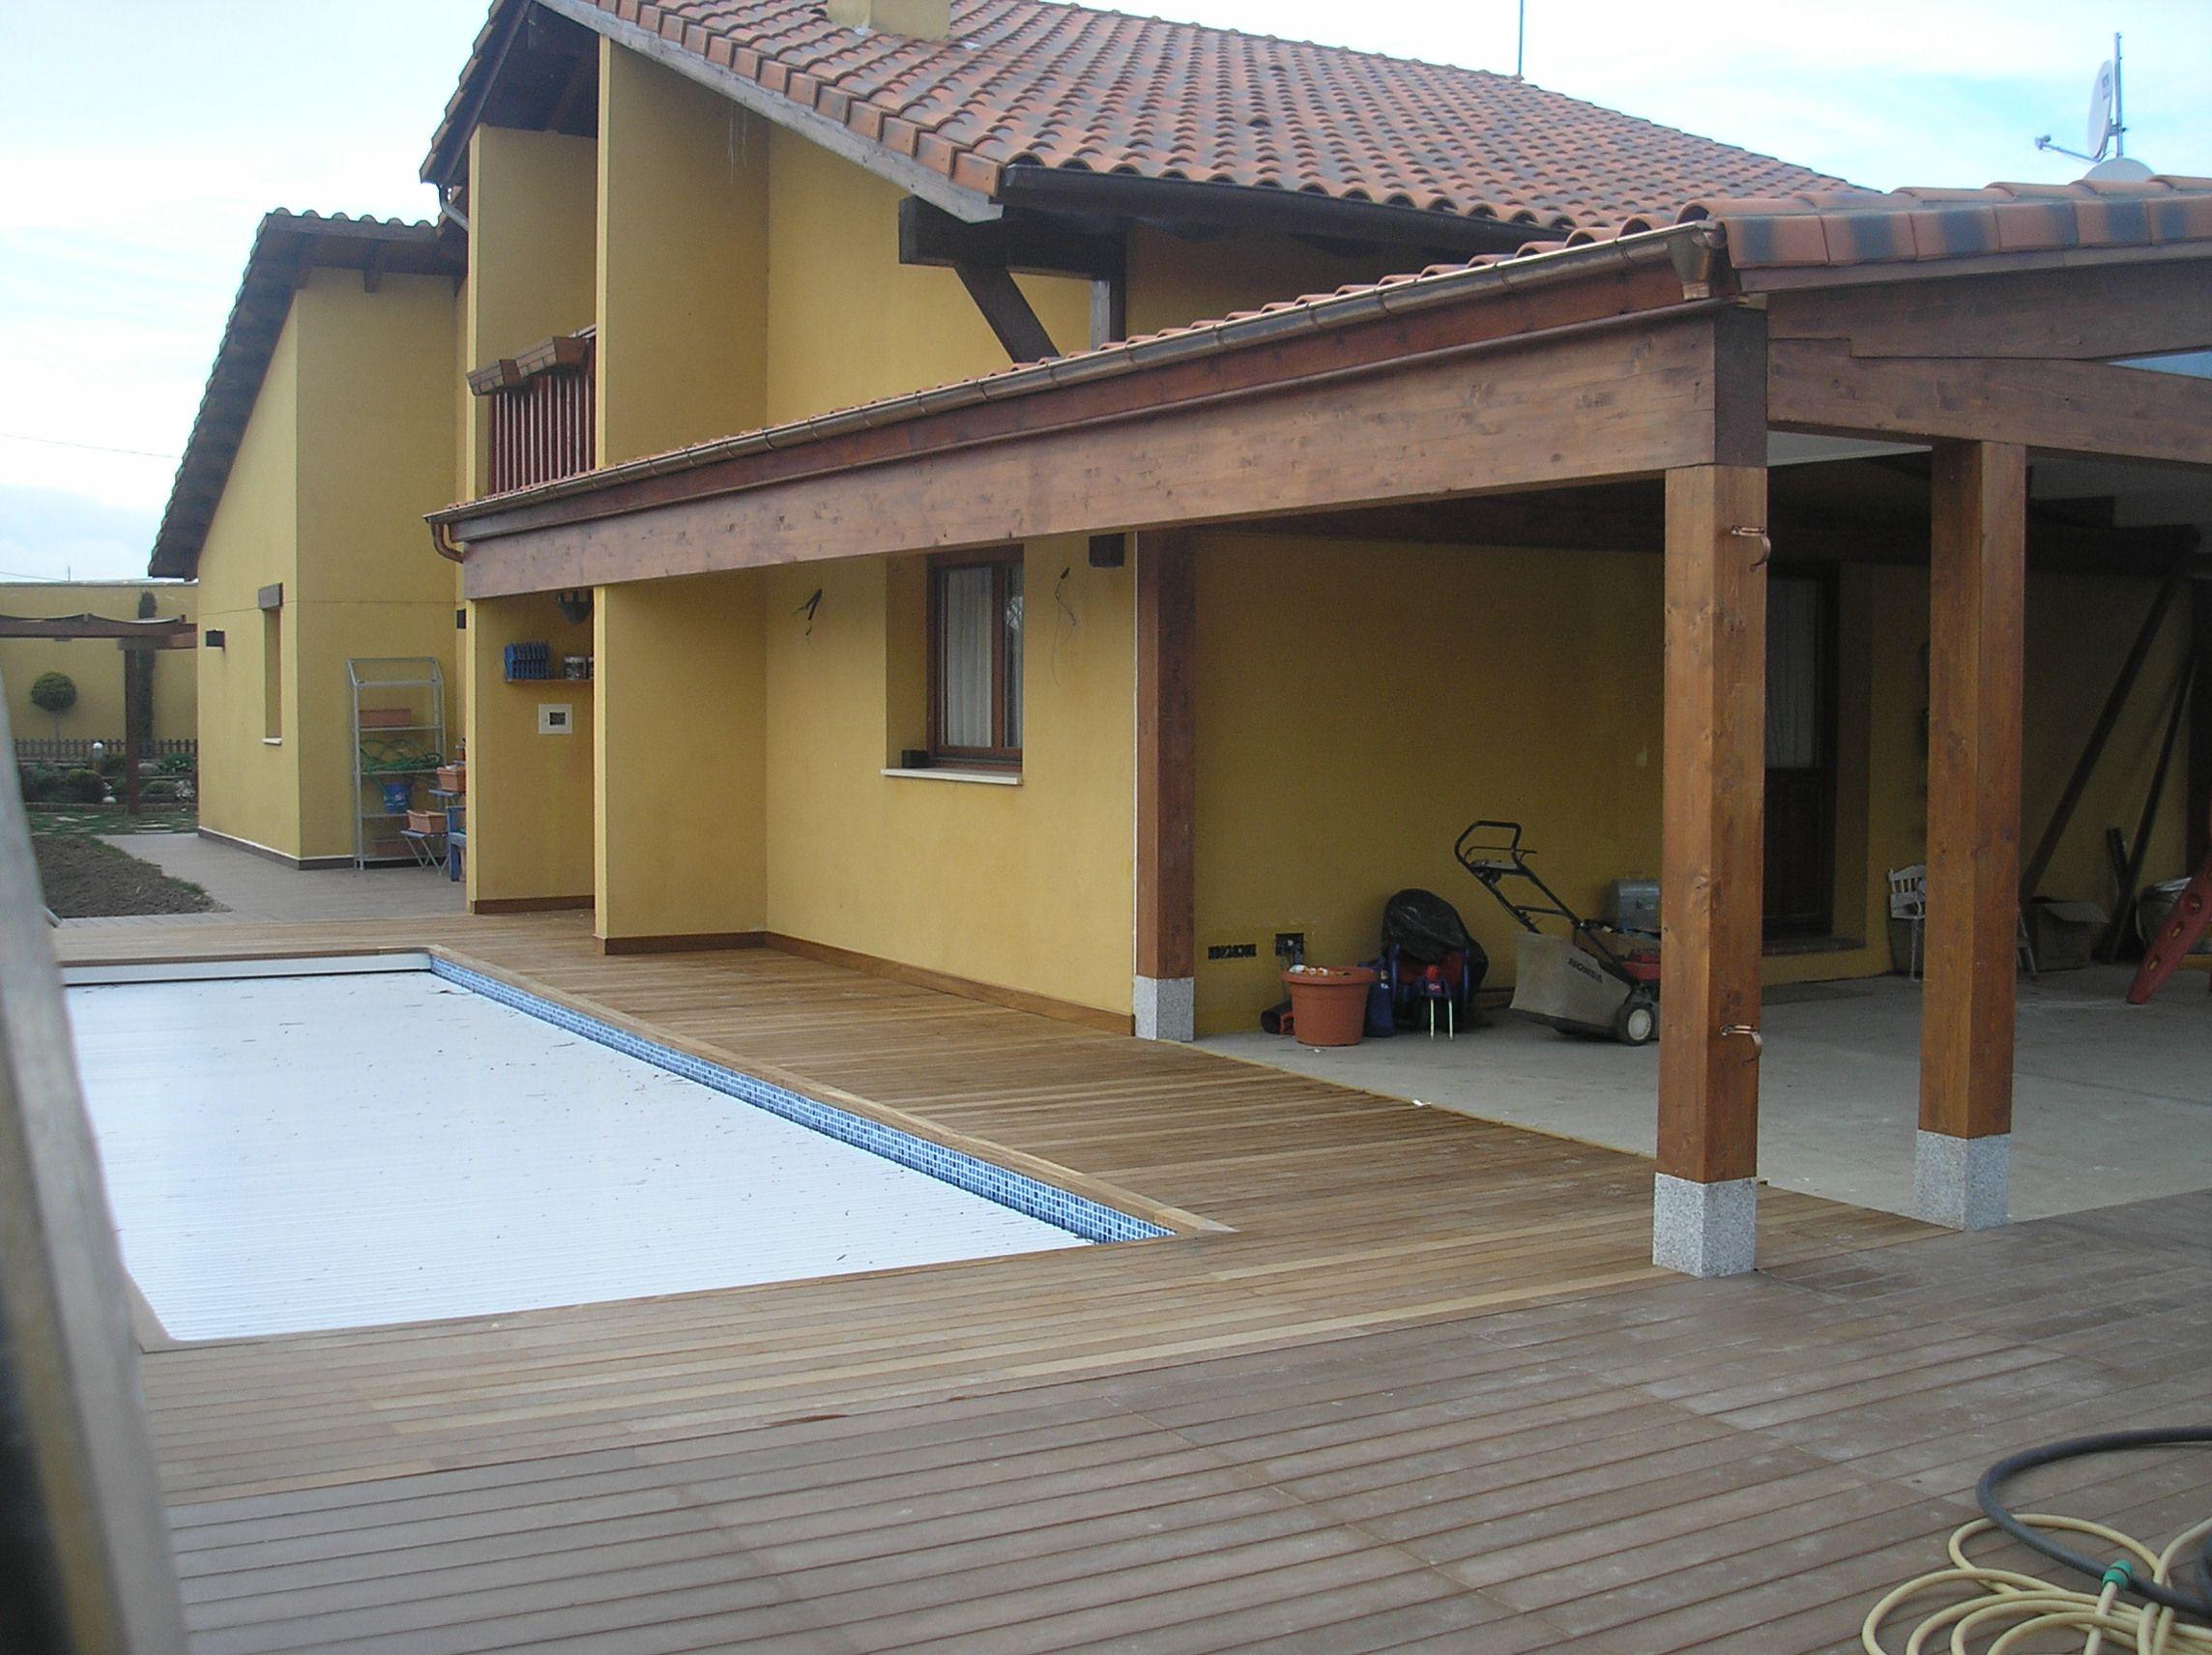 Construcci n porche a dos aguas en la trasera y lateral de - Porche chalet ...